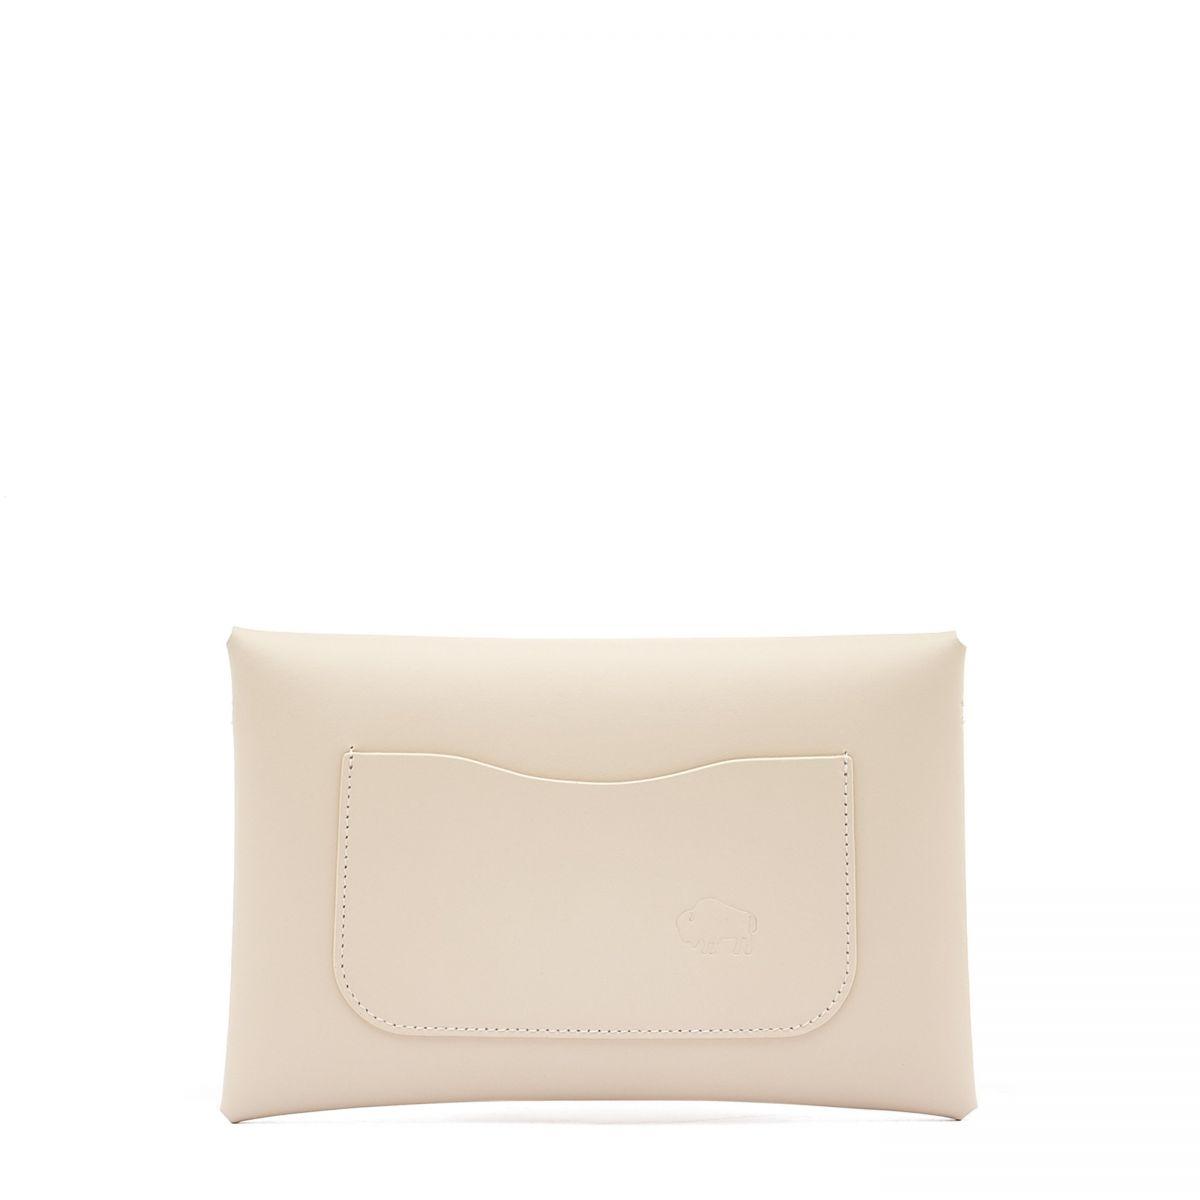 Titania - Women's Shoulder Bag Multipocket in Calf Leather BSH137 color Wool | Details